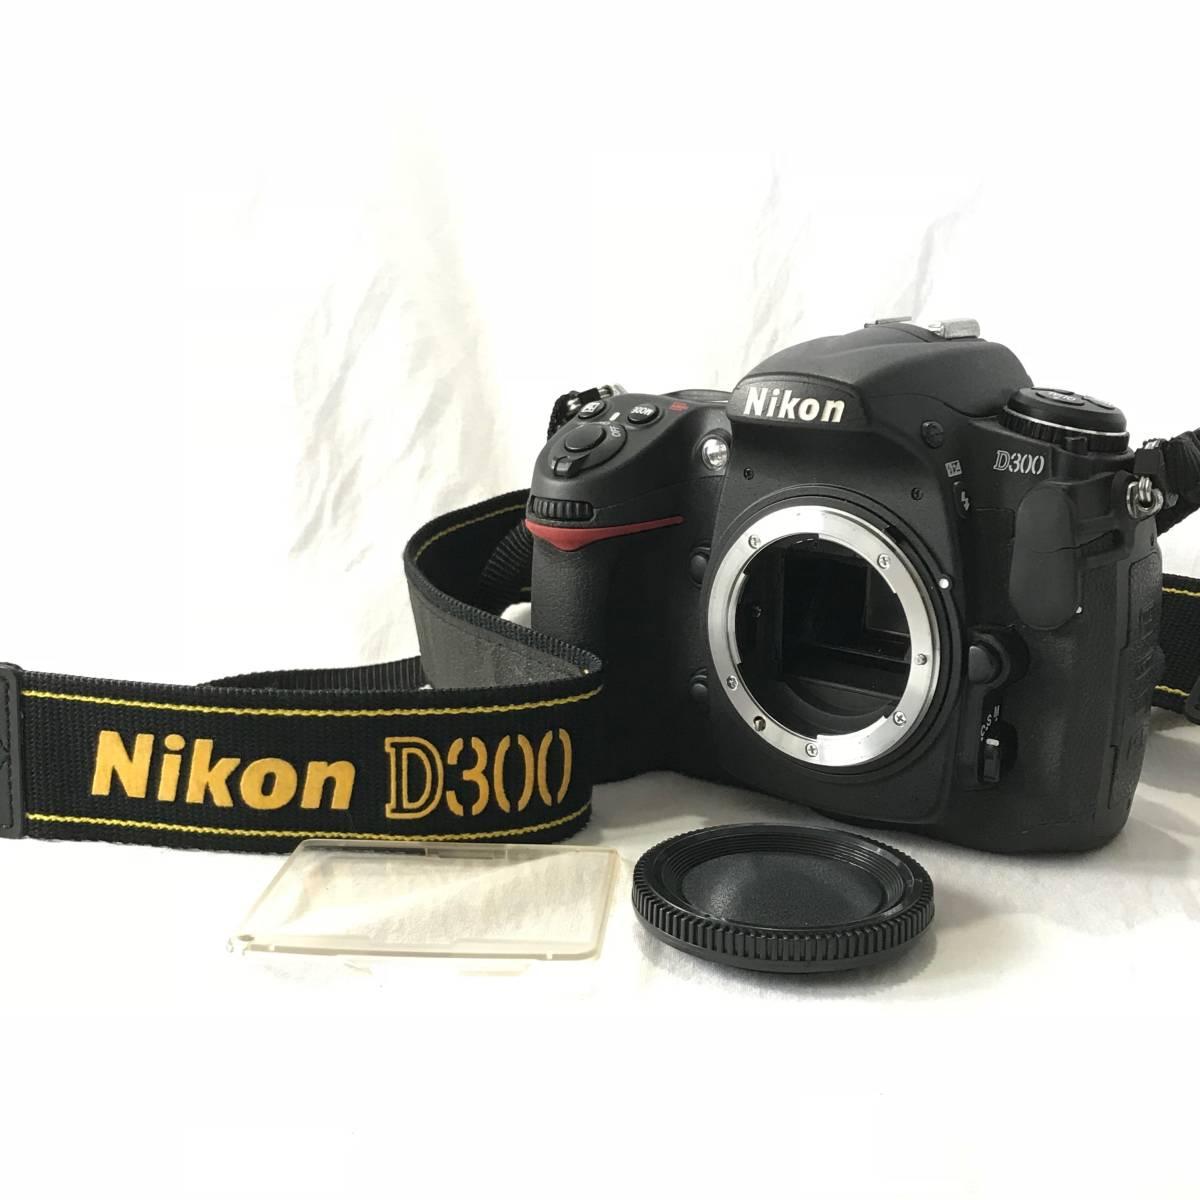 Nikon ニコン D300 デジタル 一眼レフ カメラ ストラップ 液晶保護カバー付属